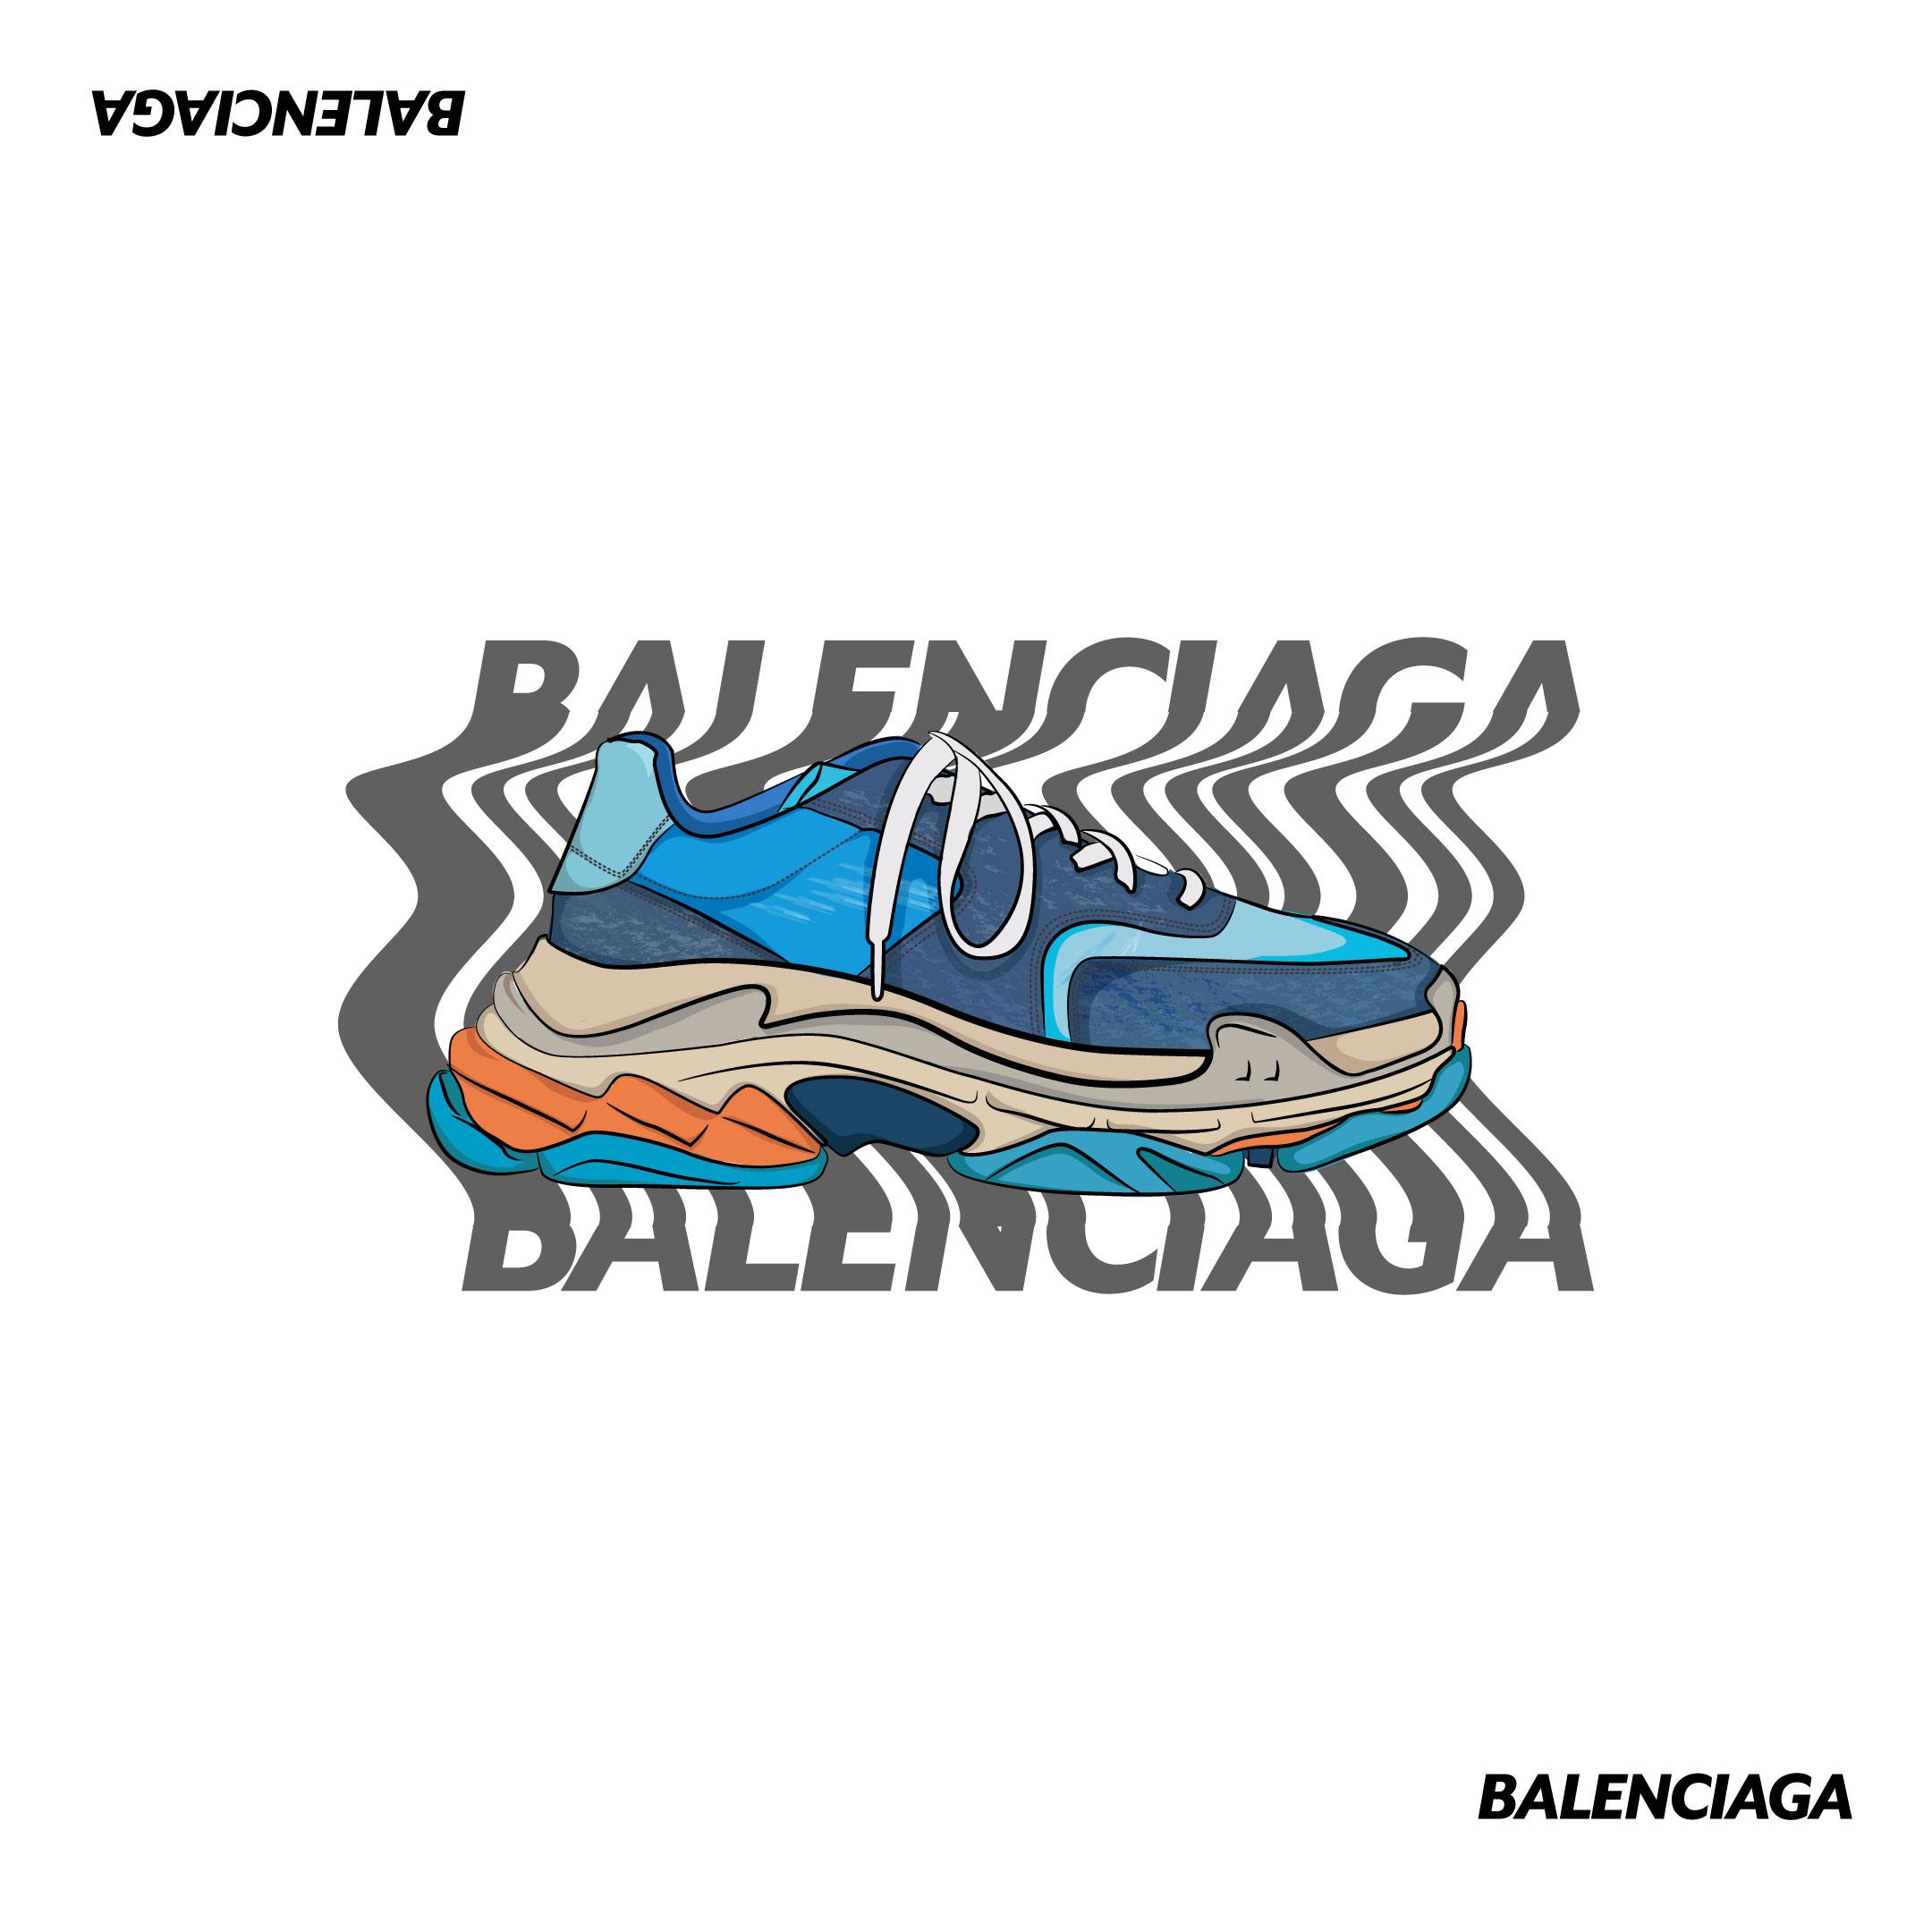 2Balenciaga-Shoe.jpg